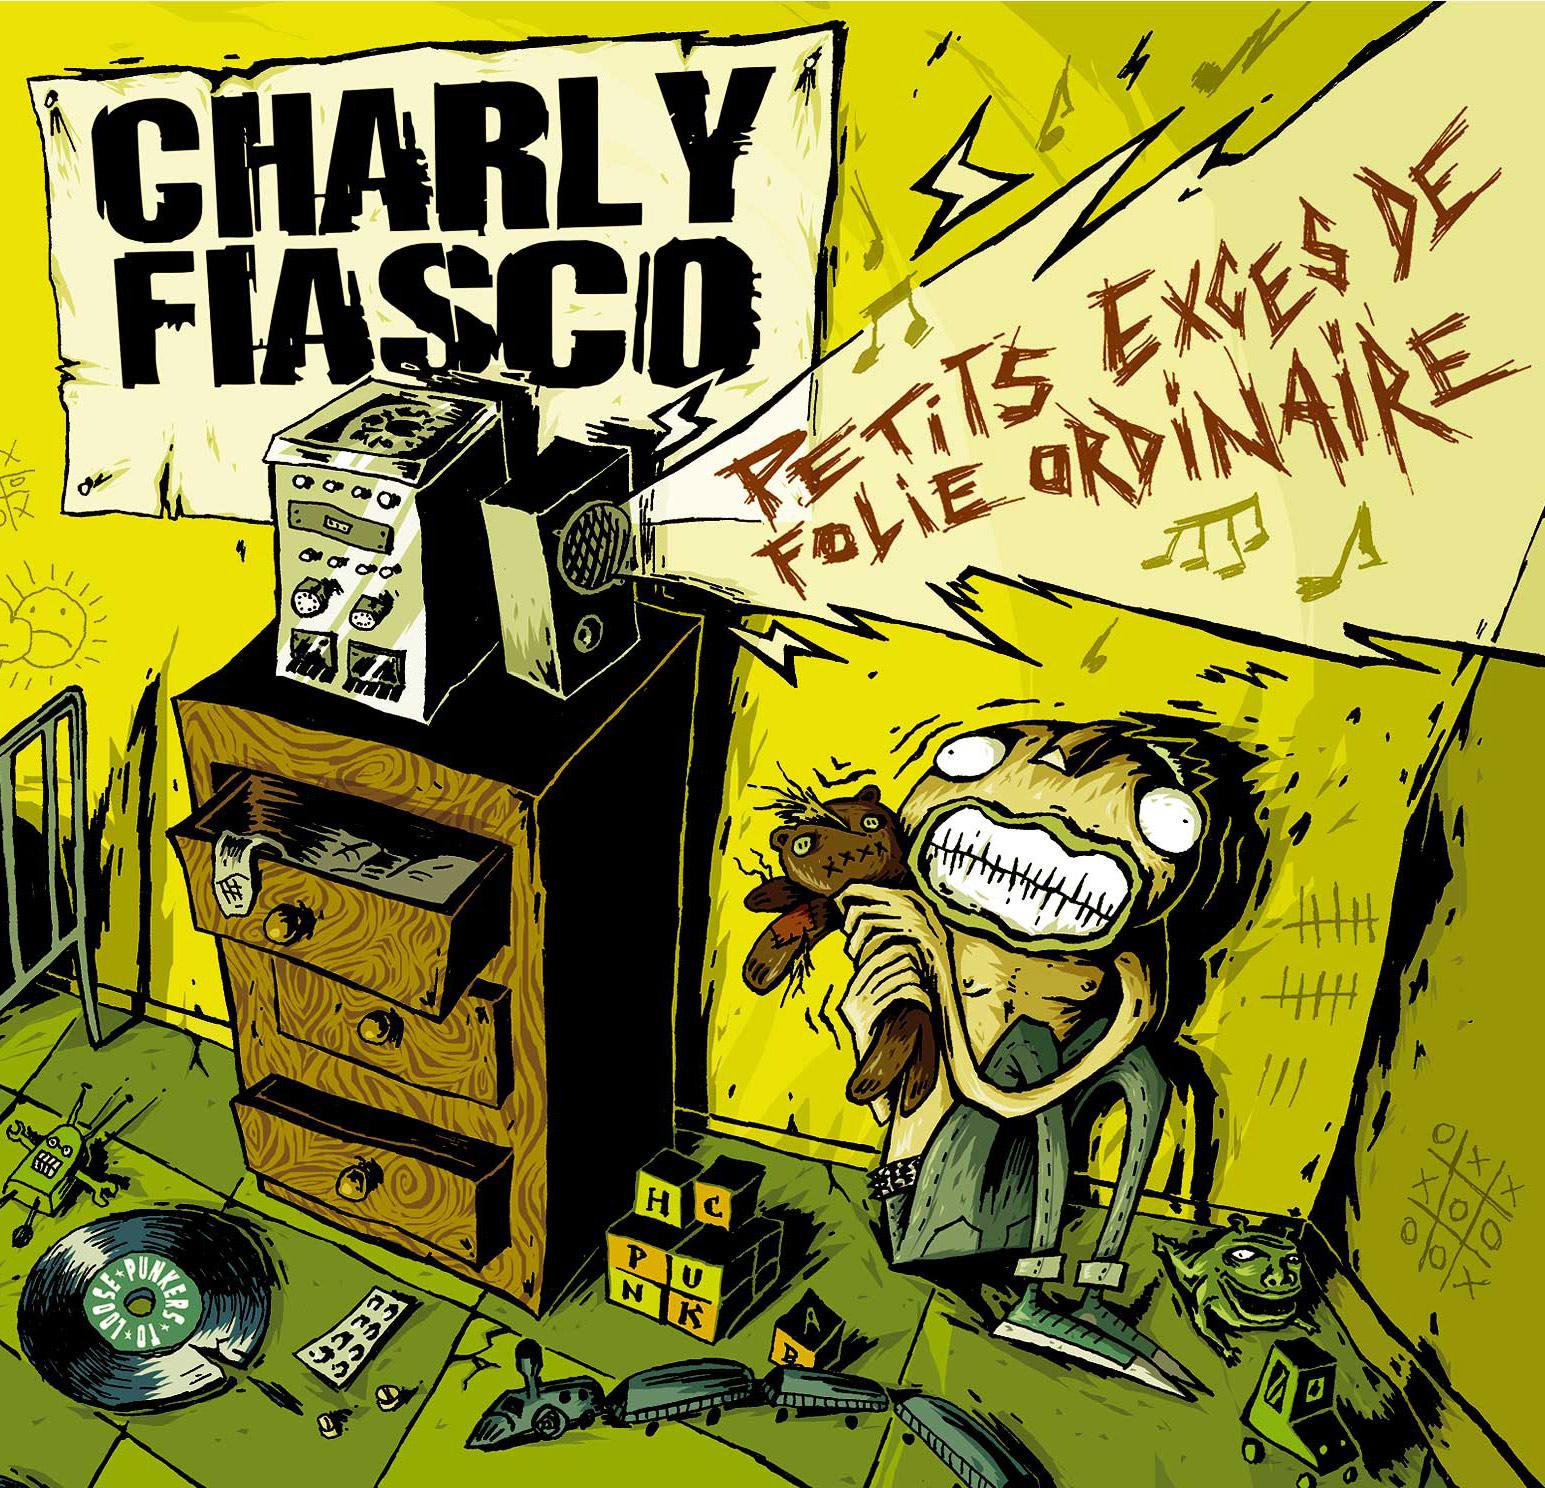 Charly Fiasco - petits excès de folie ordinare